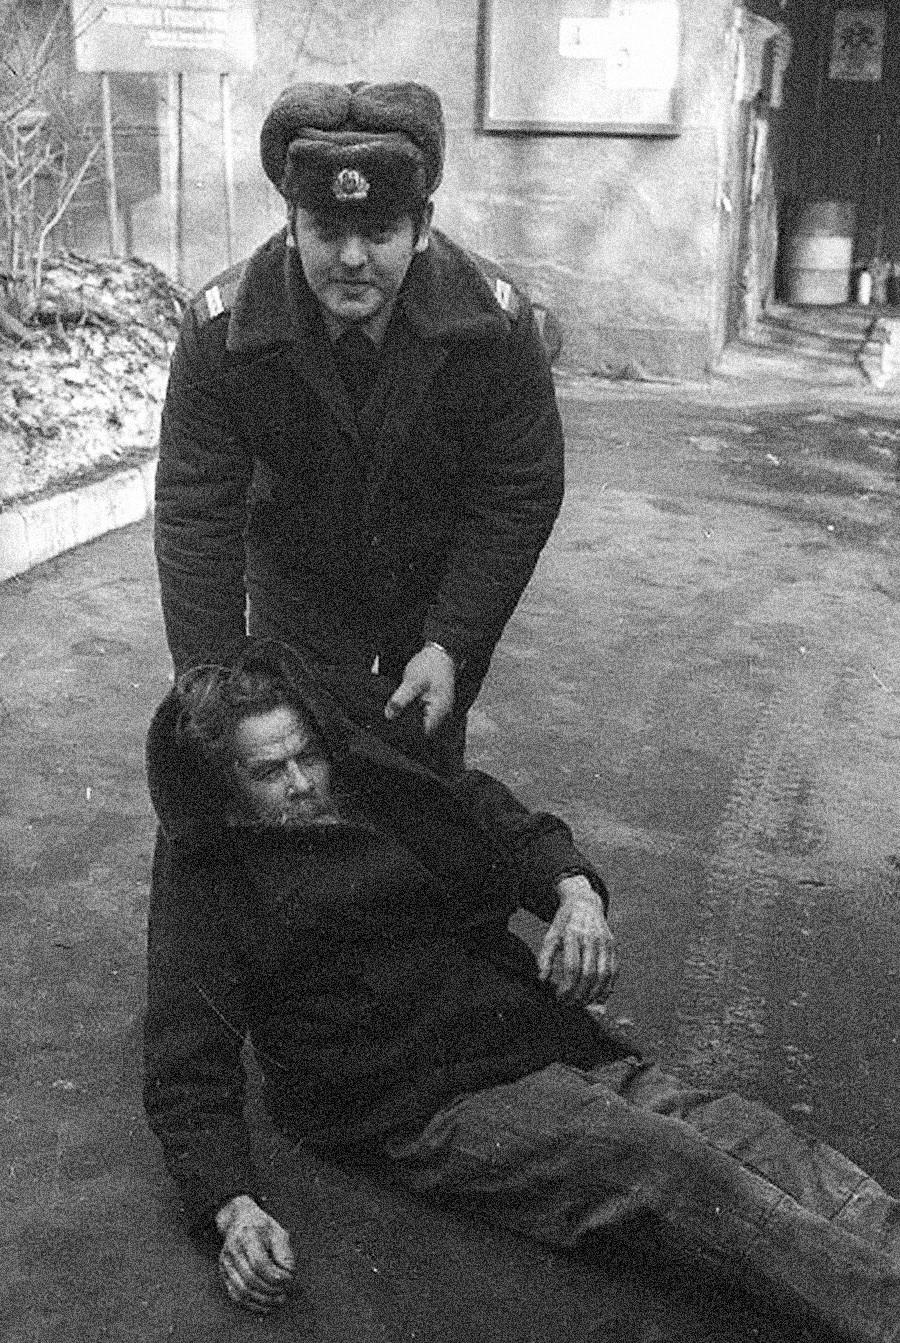 「泥酔者留置場」への移送、1970年代